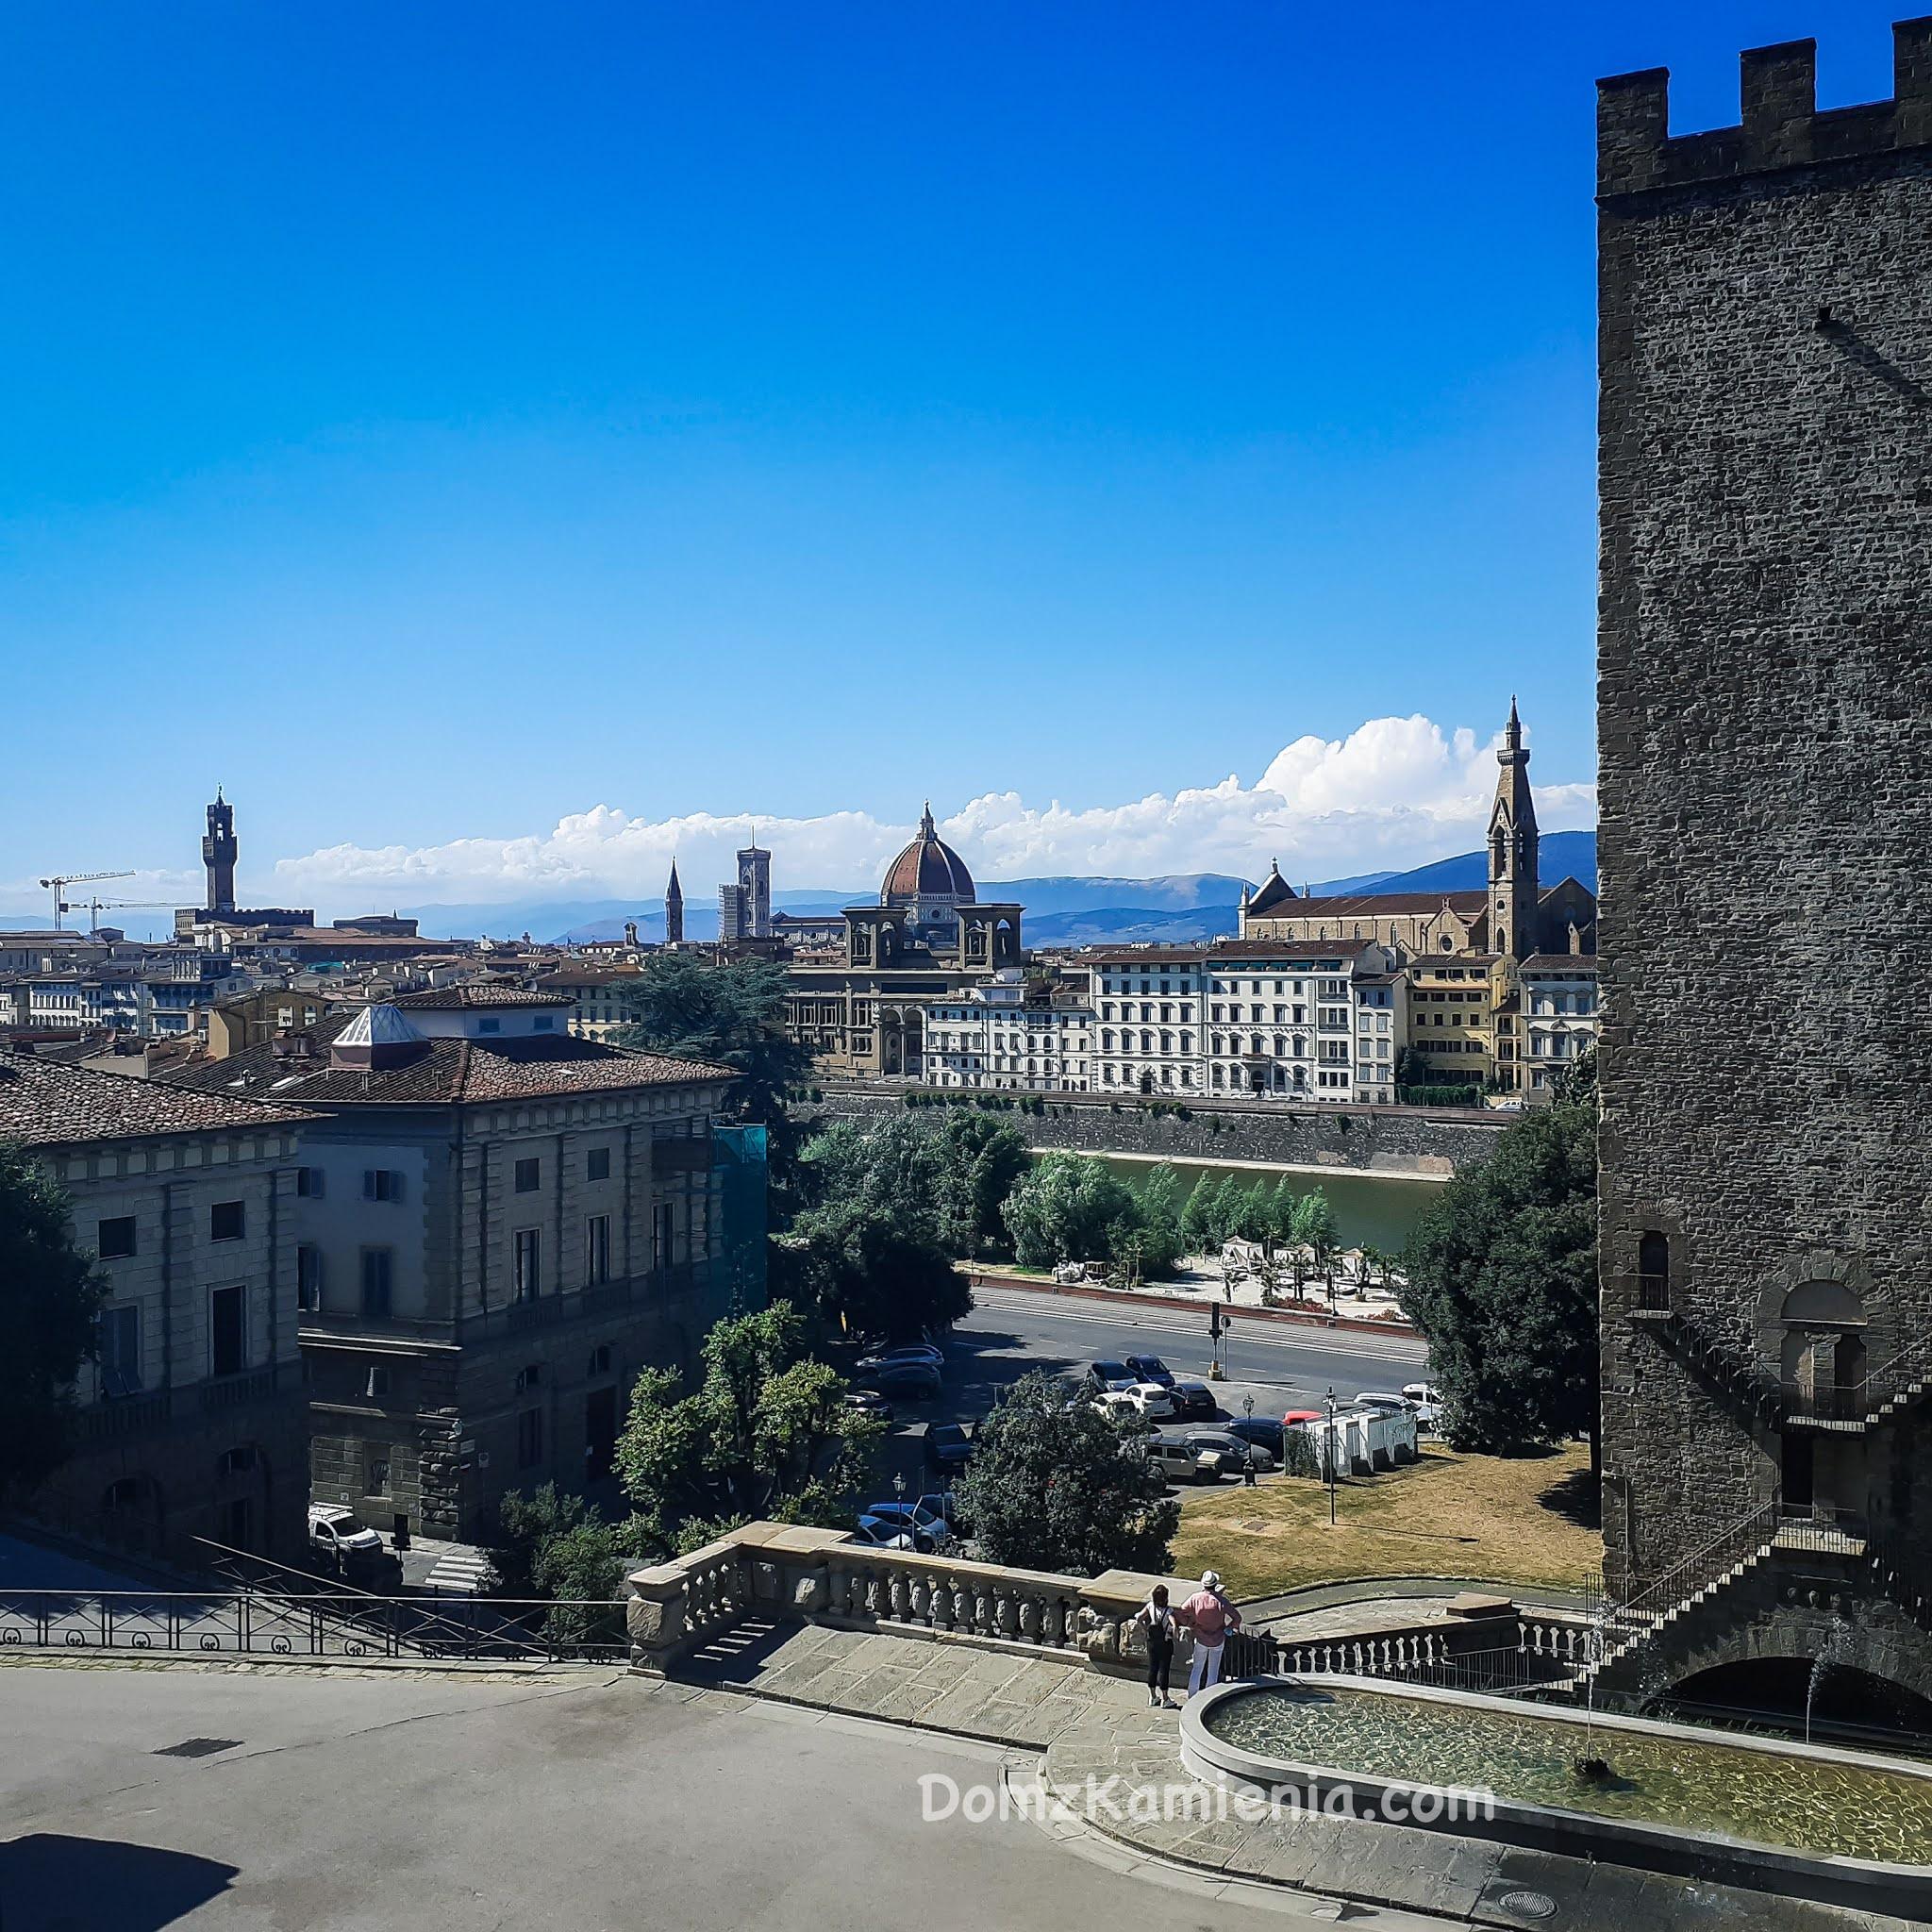 Florencja - Dom z Kamienia blog